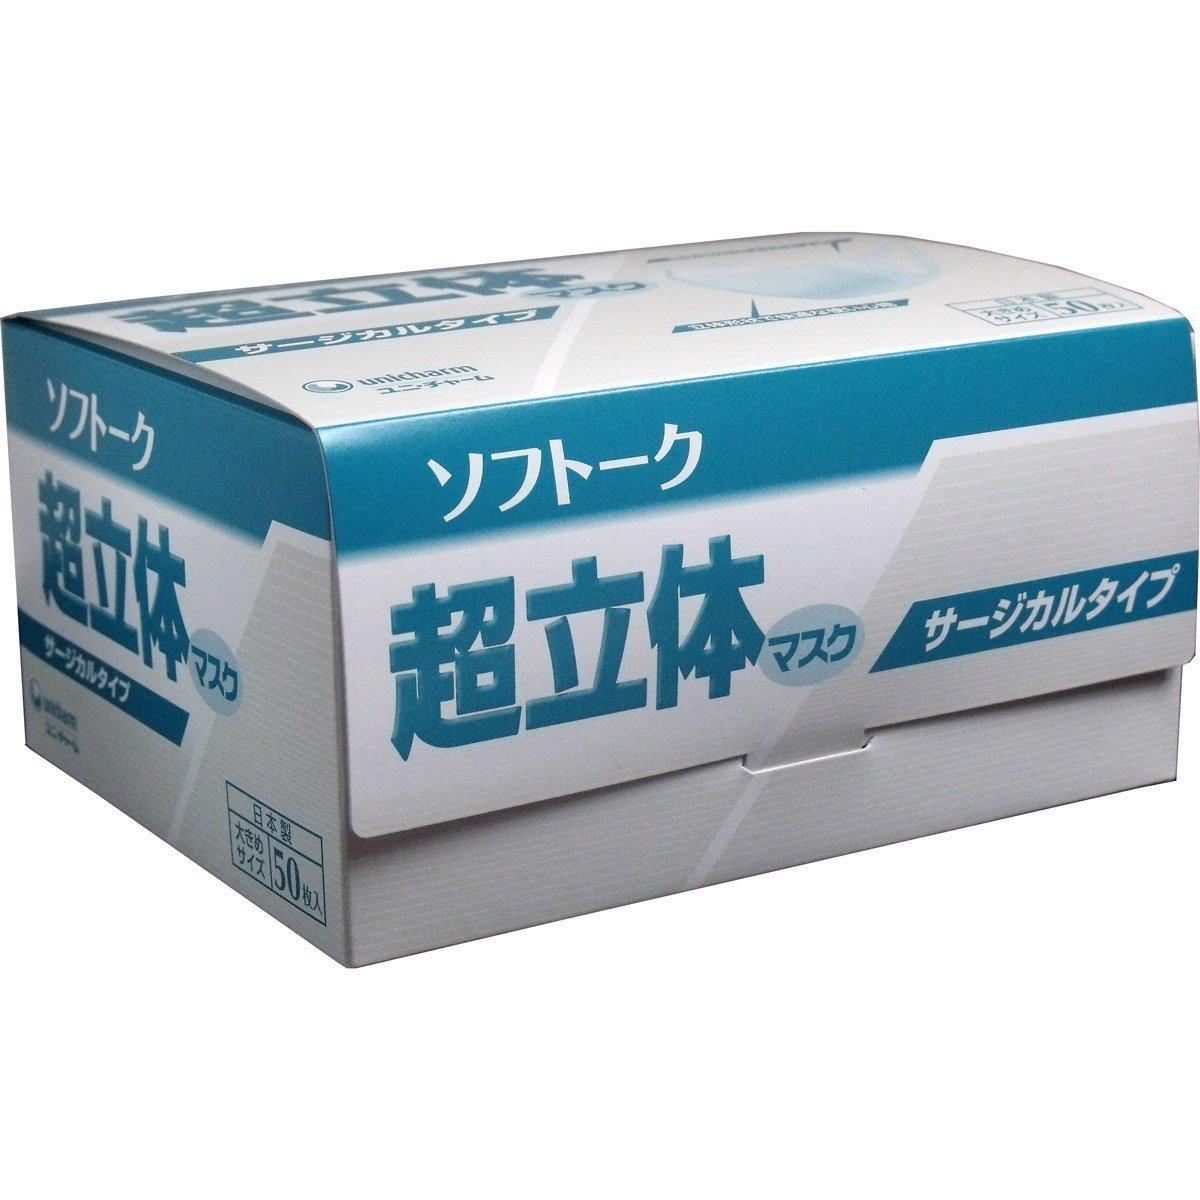 松吉医療総合カタログ ユニチャーム ユニ チャーム 51047 市場 ソフトーク超立体マスクサージカルタイプ 大きめ50枚 在庫あり